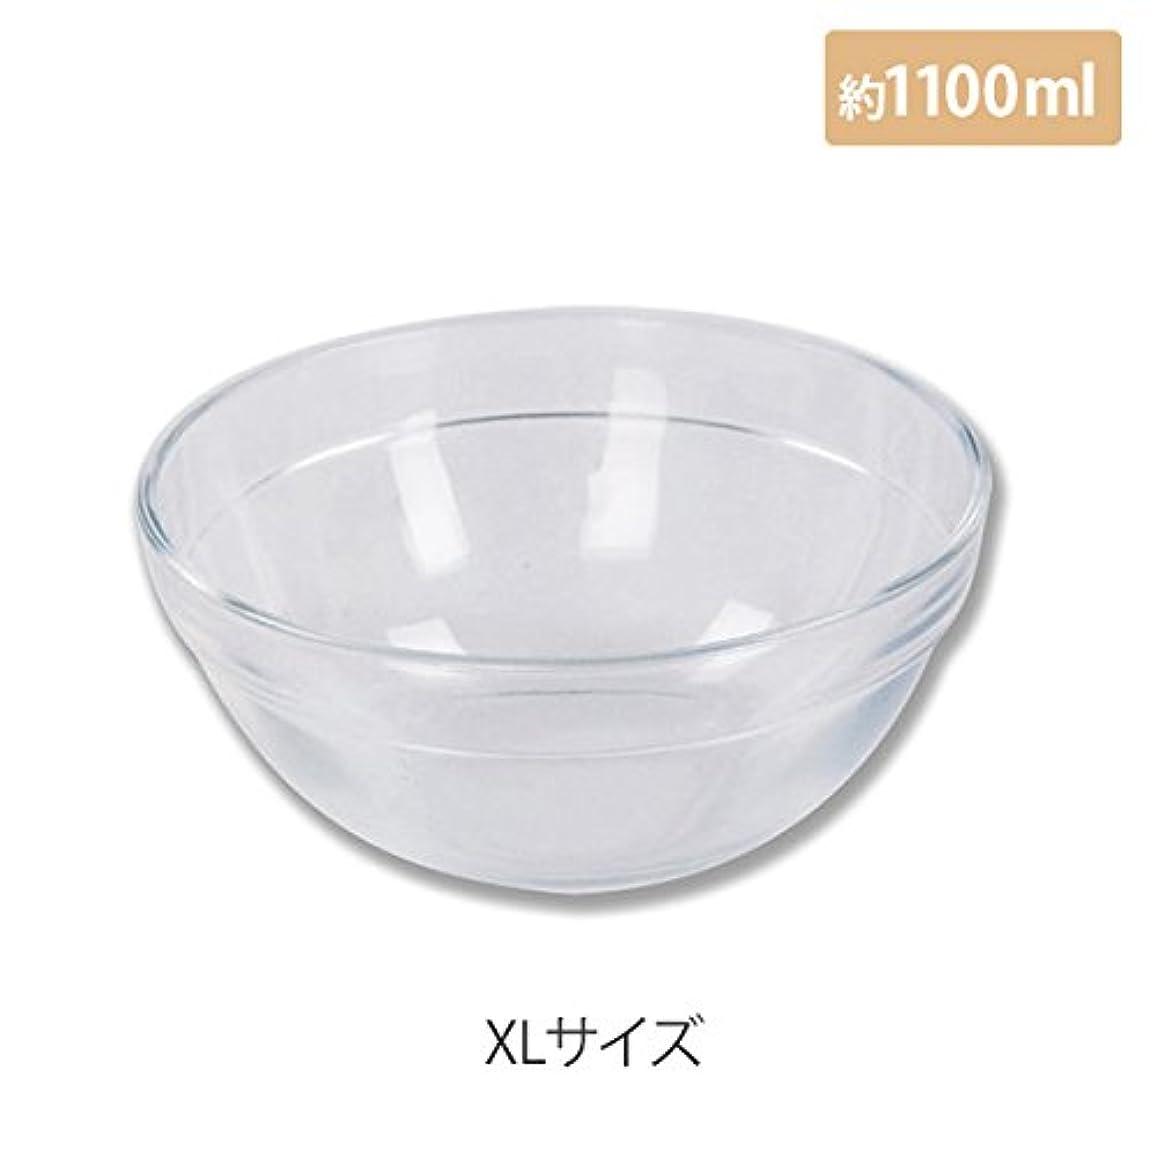 意外重量ガソリンマイスター プラスティックボウル (XLサイズ) クリア 直径20cm [ プラスチックボール カップボウル カップボール エステ サロン プラスチック ボウル カップ 割れない ]